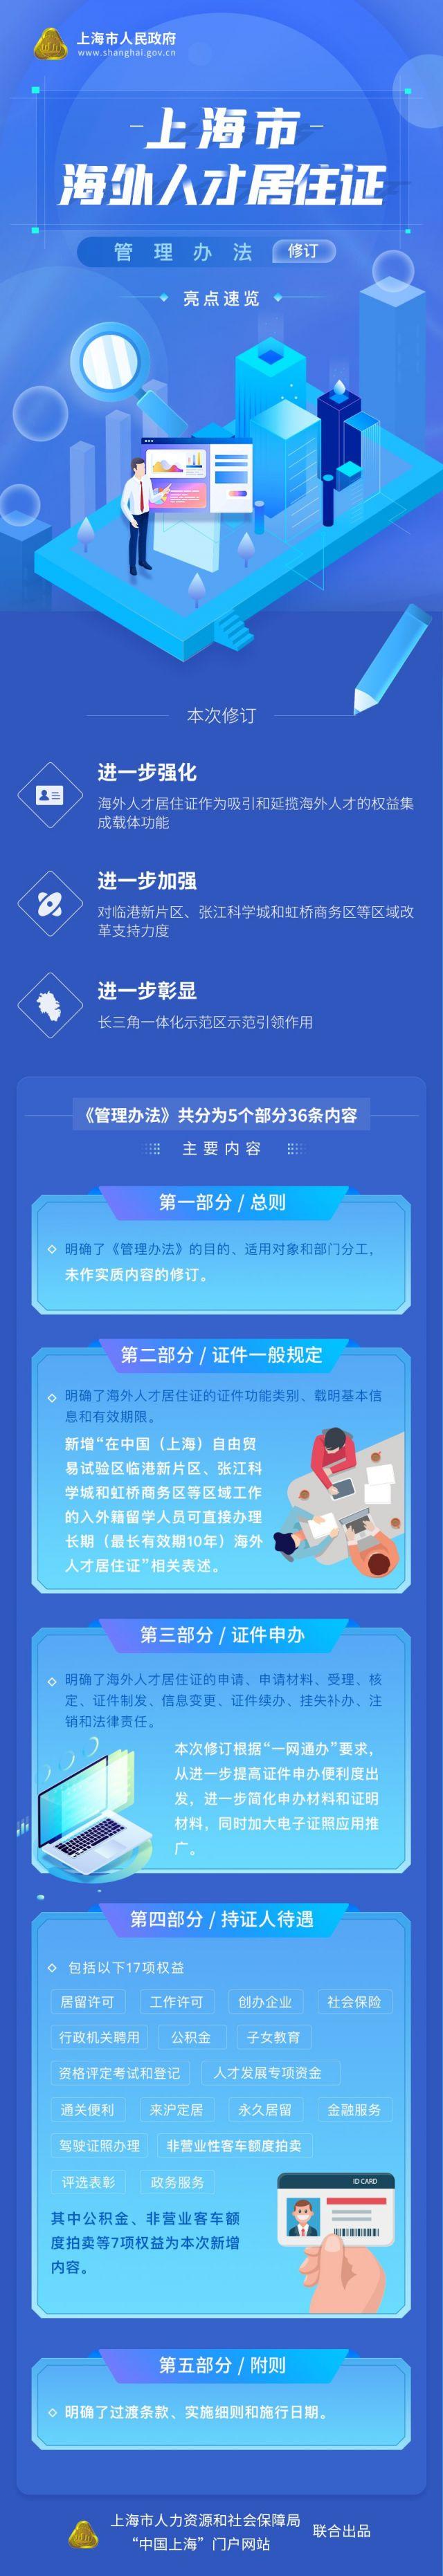 上海海外人才居住证管理办法修订 (附全文)